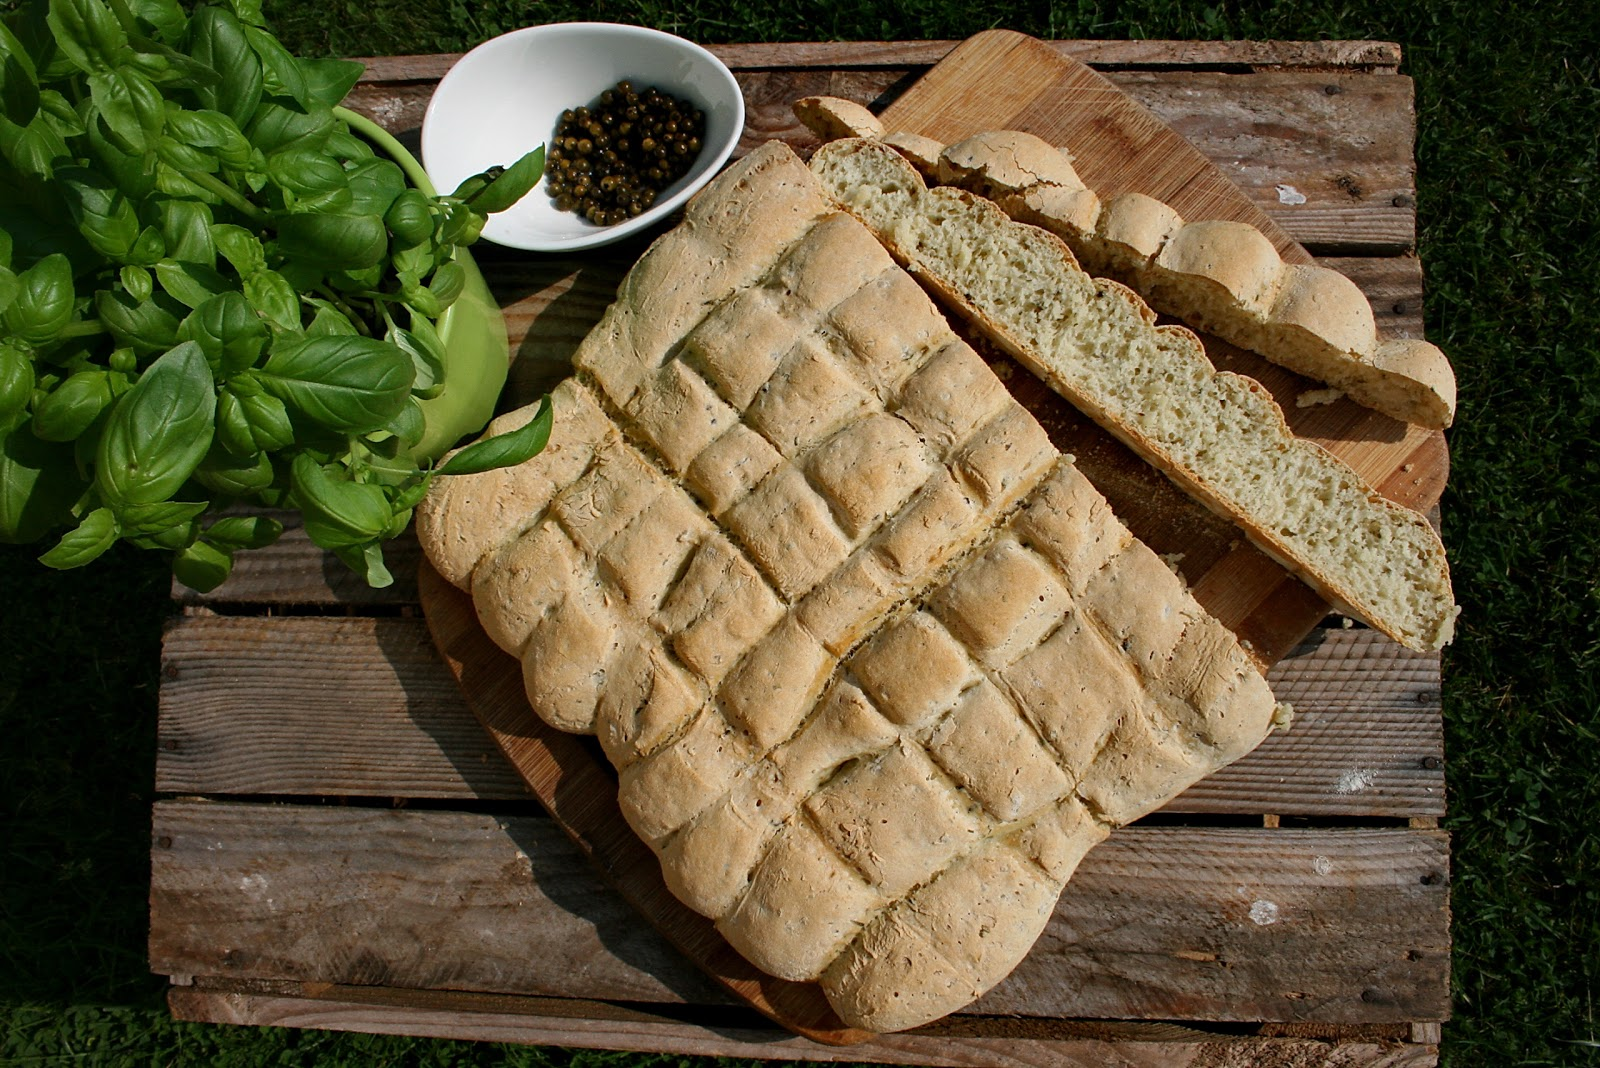 Płaski chlebek z pieprzem zielonym